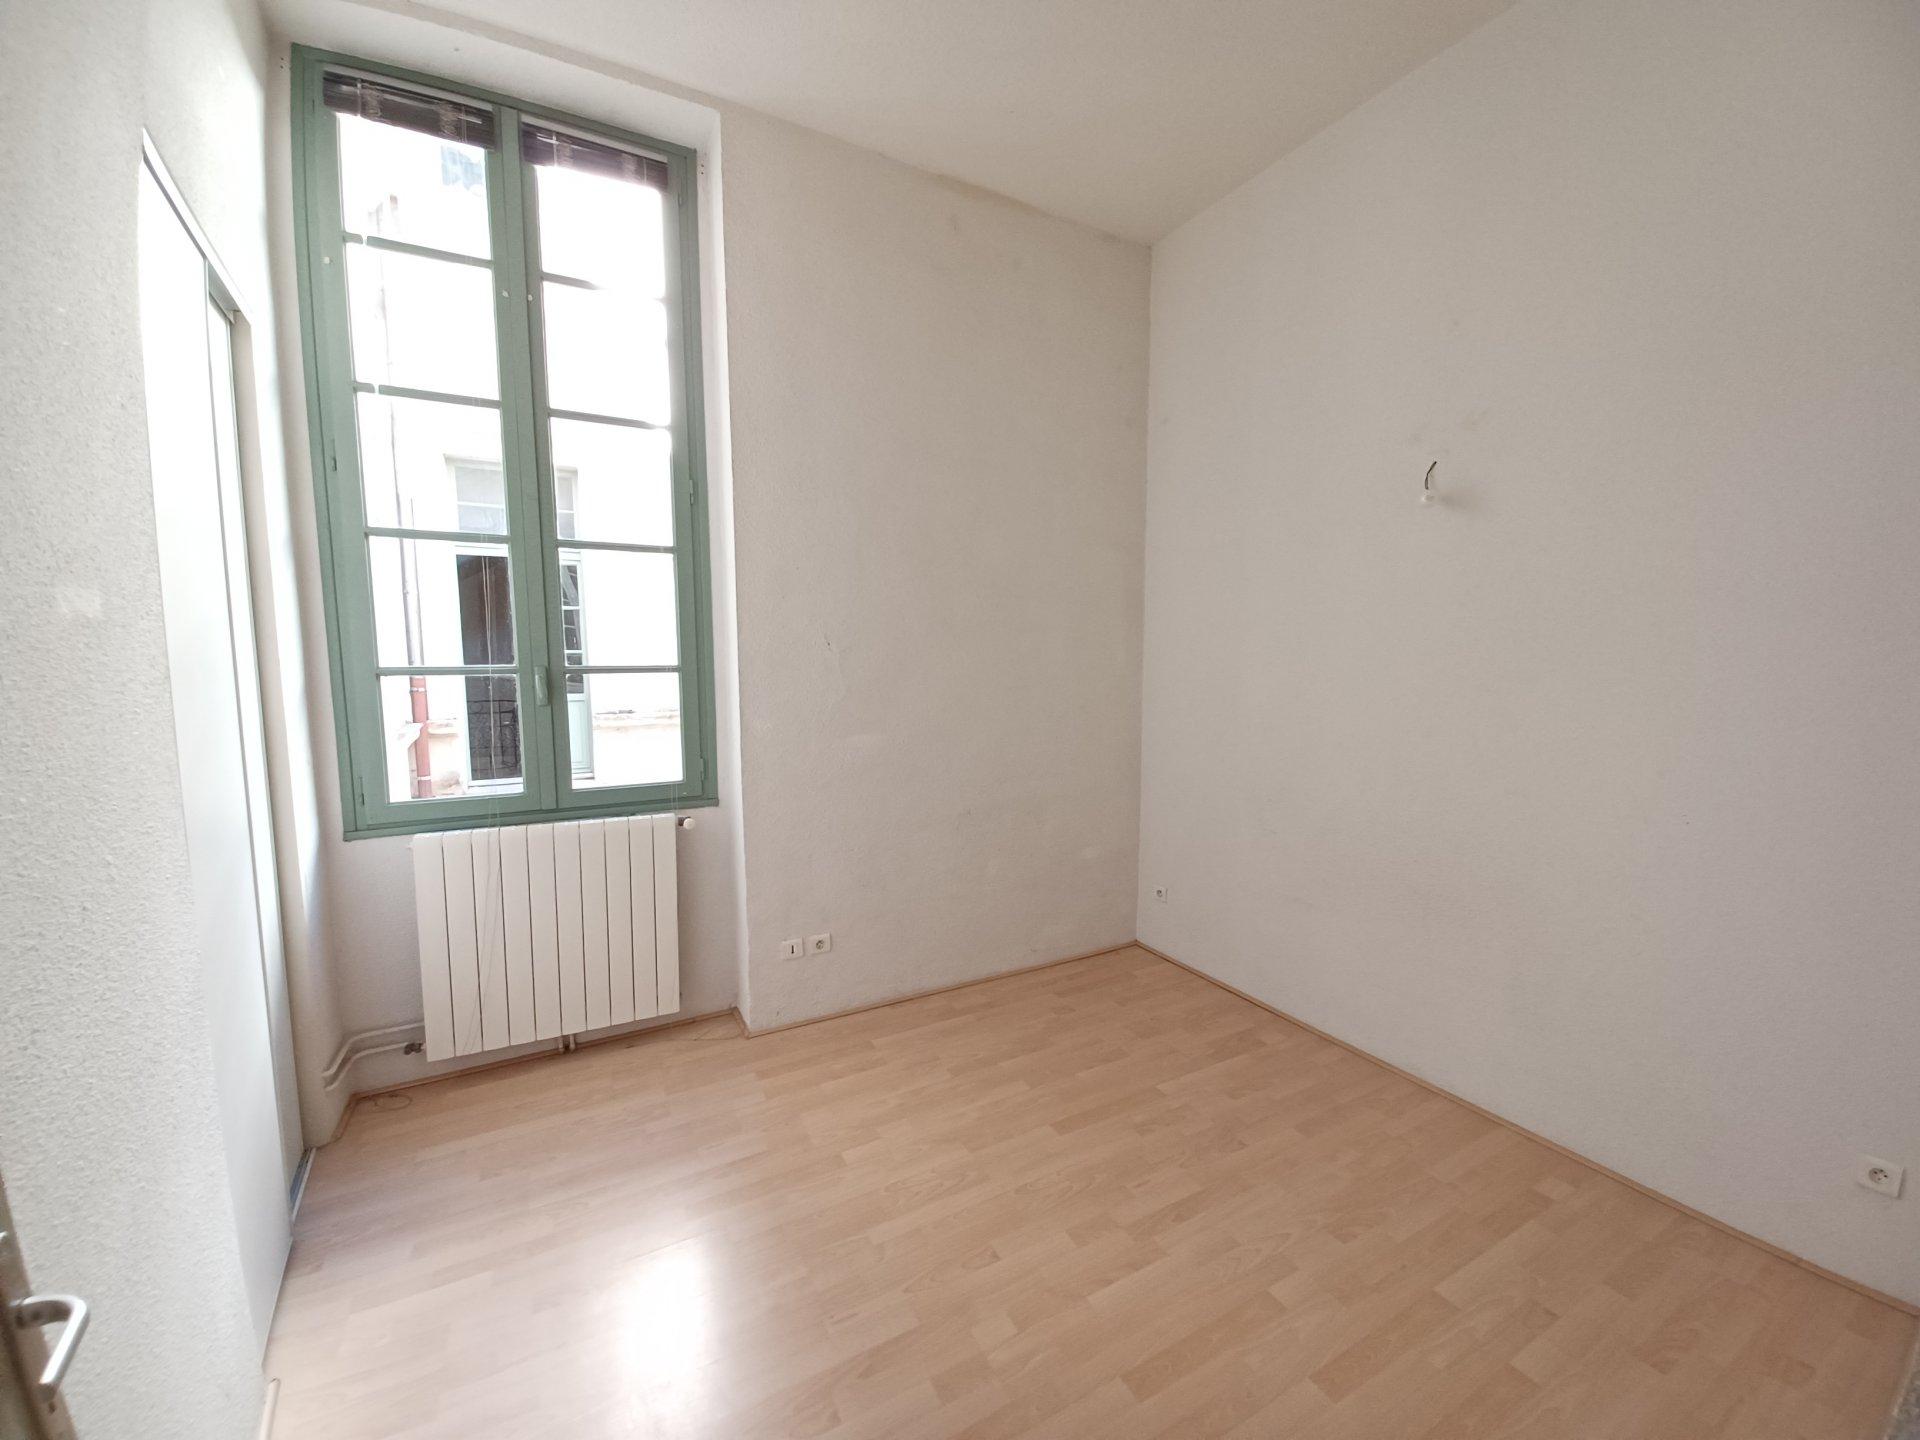 Location Appartement BEAUCAIRE surface habitable de 72 m²